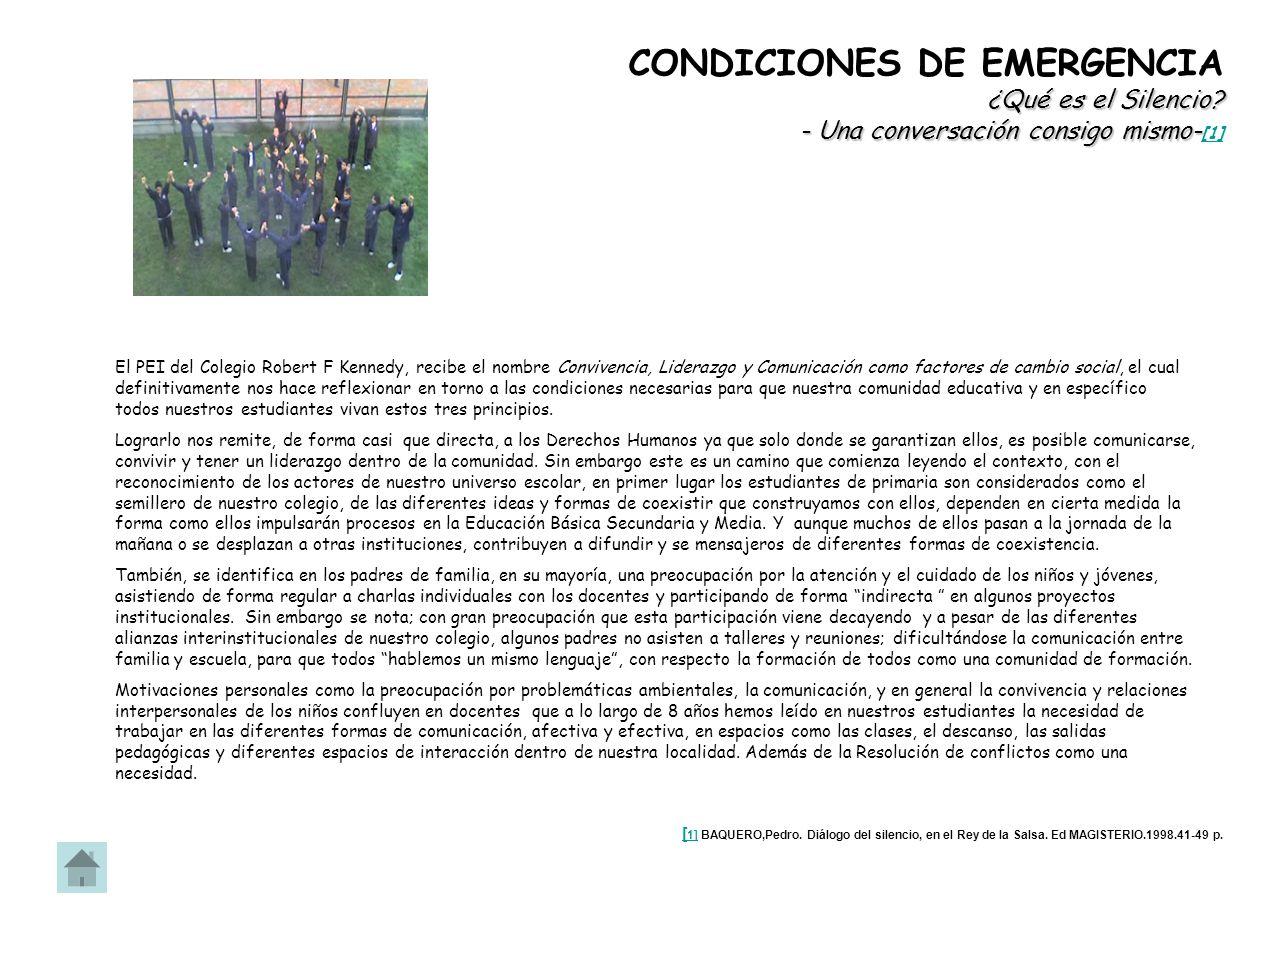 PEQUEÑOS DEFENSORES DEL AGUA Propósito Fomentar la participación y comunicación de reflexión sobre problemas ambientales con niños y jóvenes de otros colegios de Bogotá.